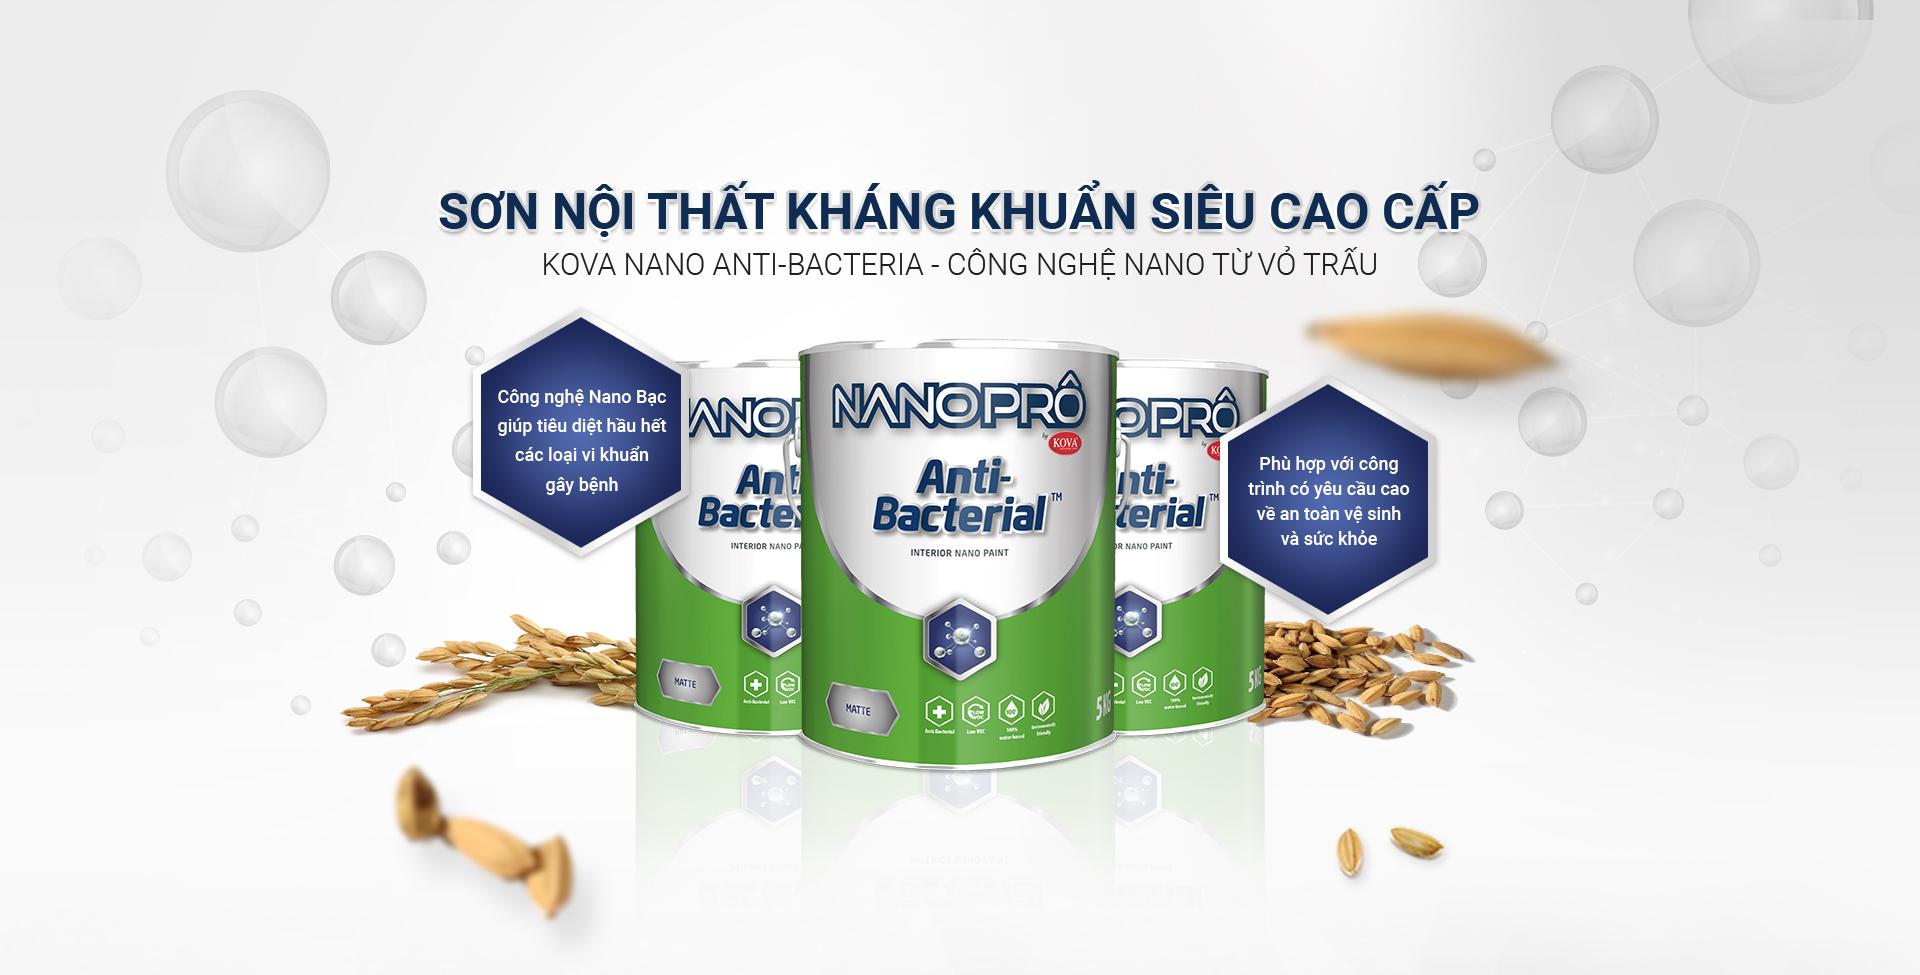 Sơn Nội Thất Kháng Khuẩn Siêu Cao Cấp KOVA NANO Anti-Bacteria